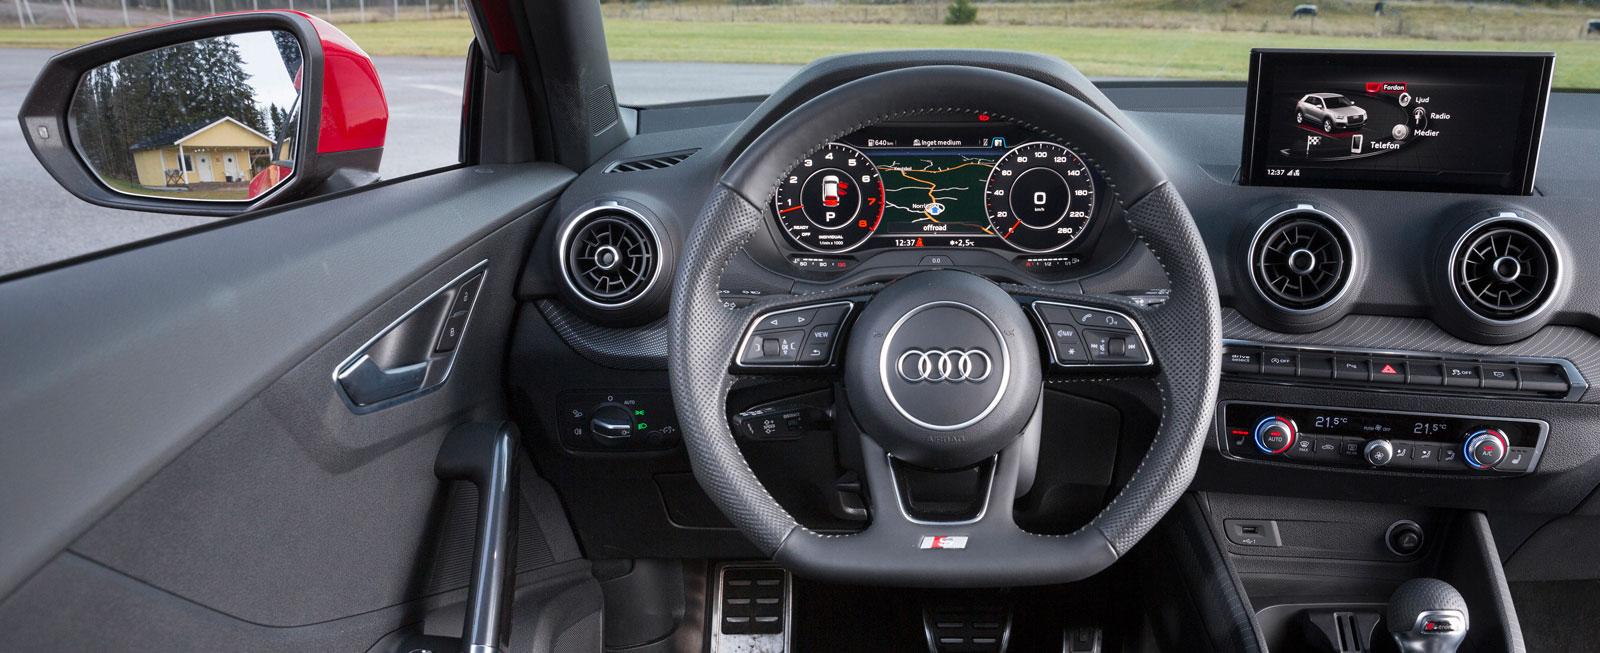 En för Audi välbekant grunddesign som fungerar utmärkt. Rejäl stödplatta för vänster fot. Dörrpanelerna ger ett billigare intryck än övriga detaljer.